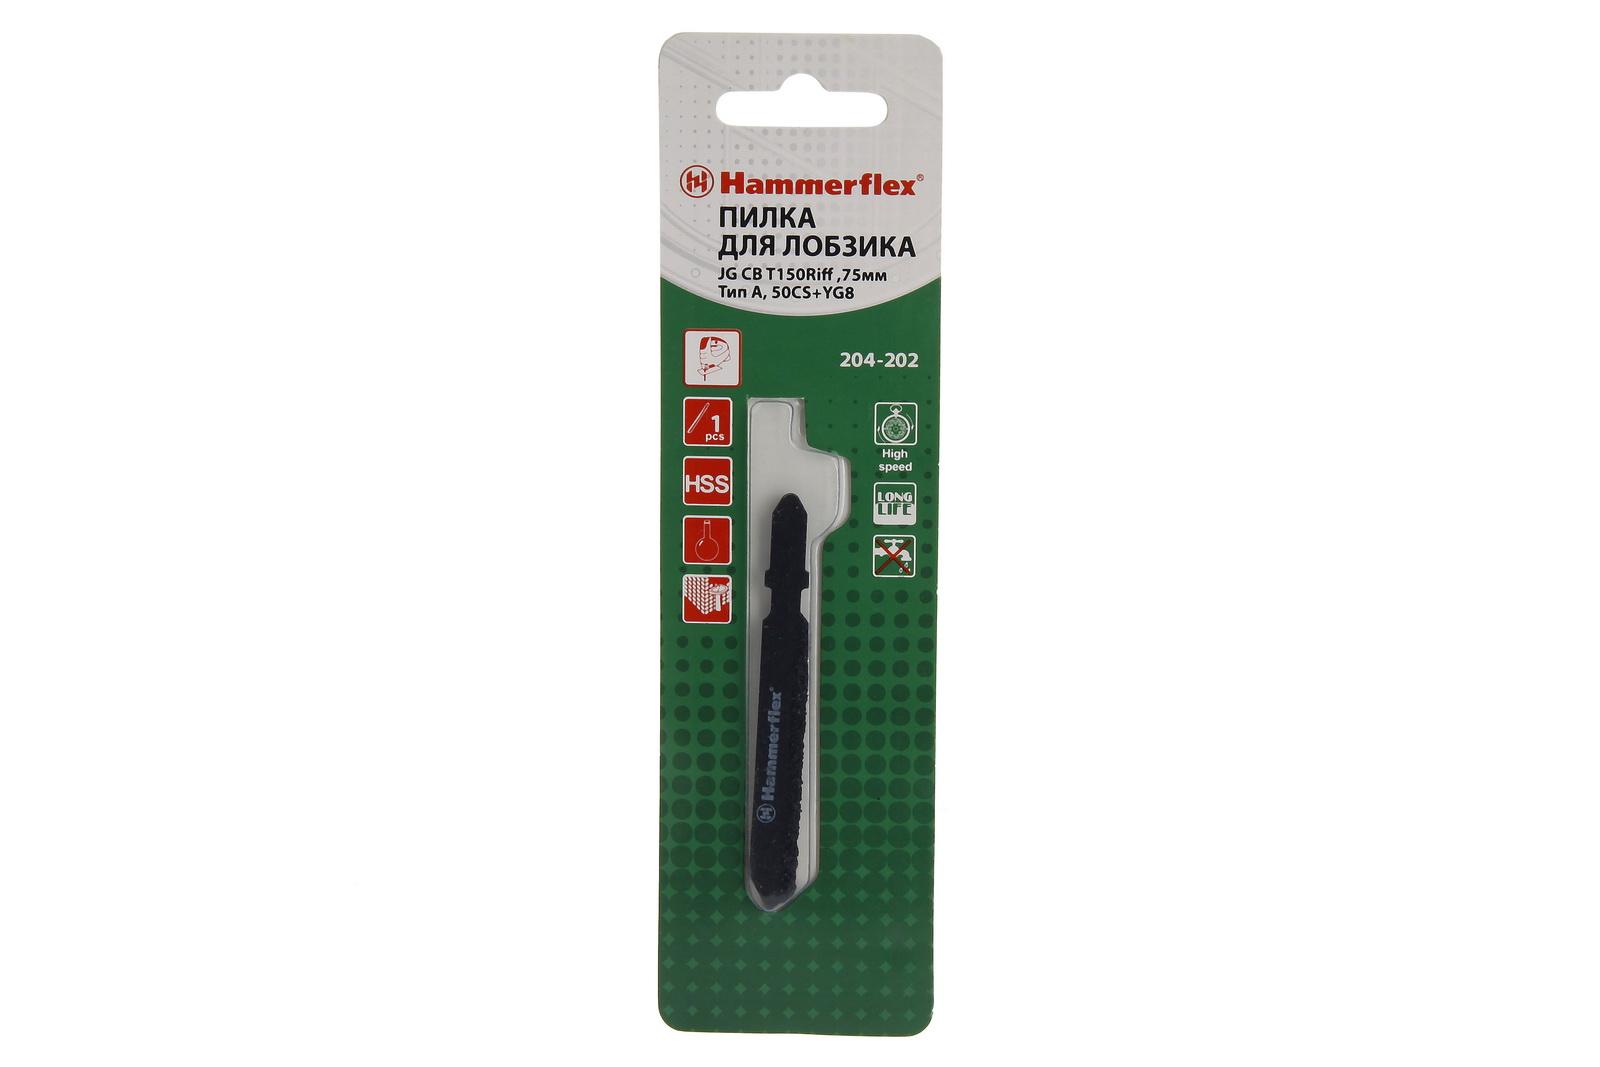 Пилки для лобзика Hammer Jg cb t150riff тип А пилки для лобзика по металлу для прямых пропилов bosch t118a 1 3 мм 5 шт